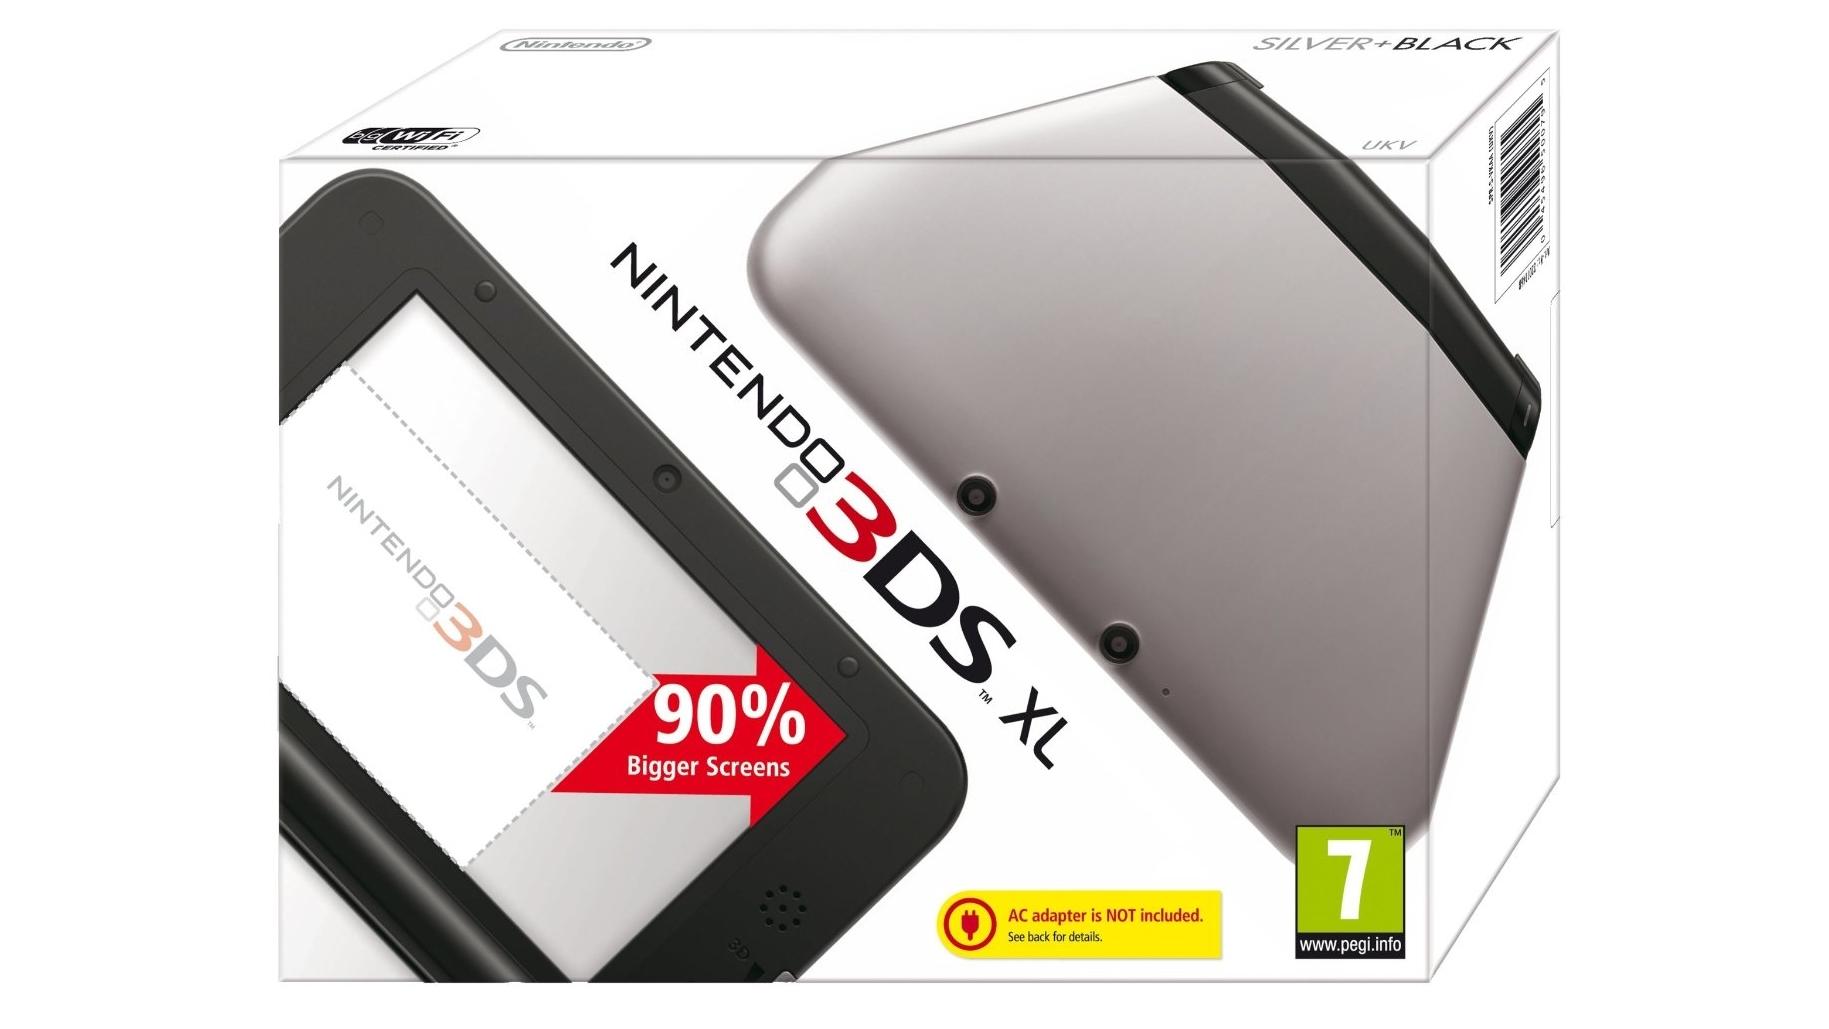 3ds XL deals